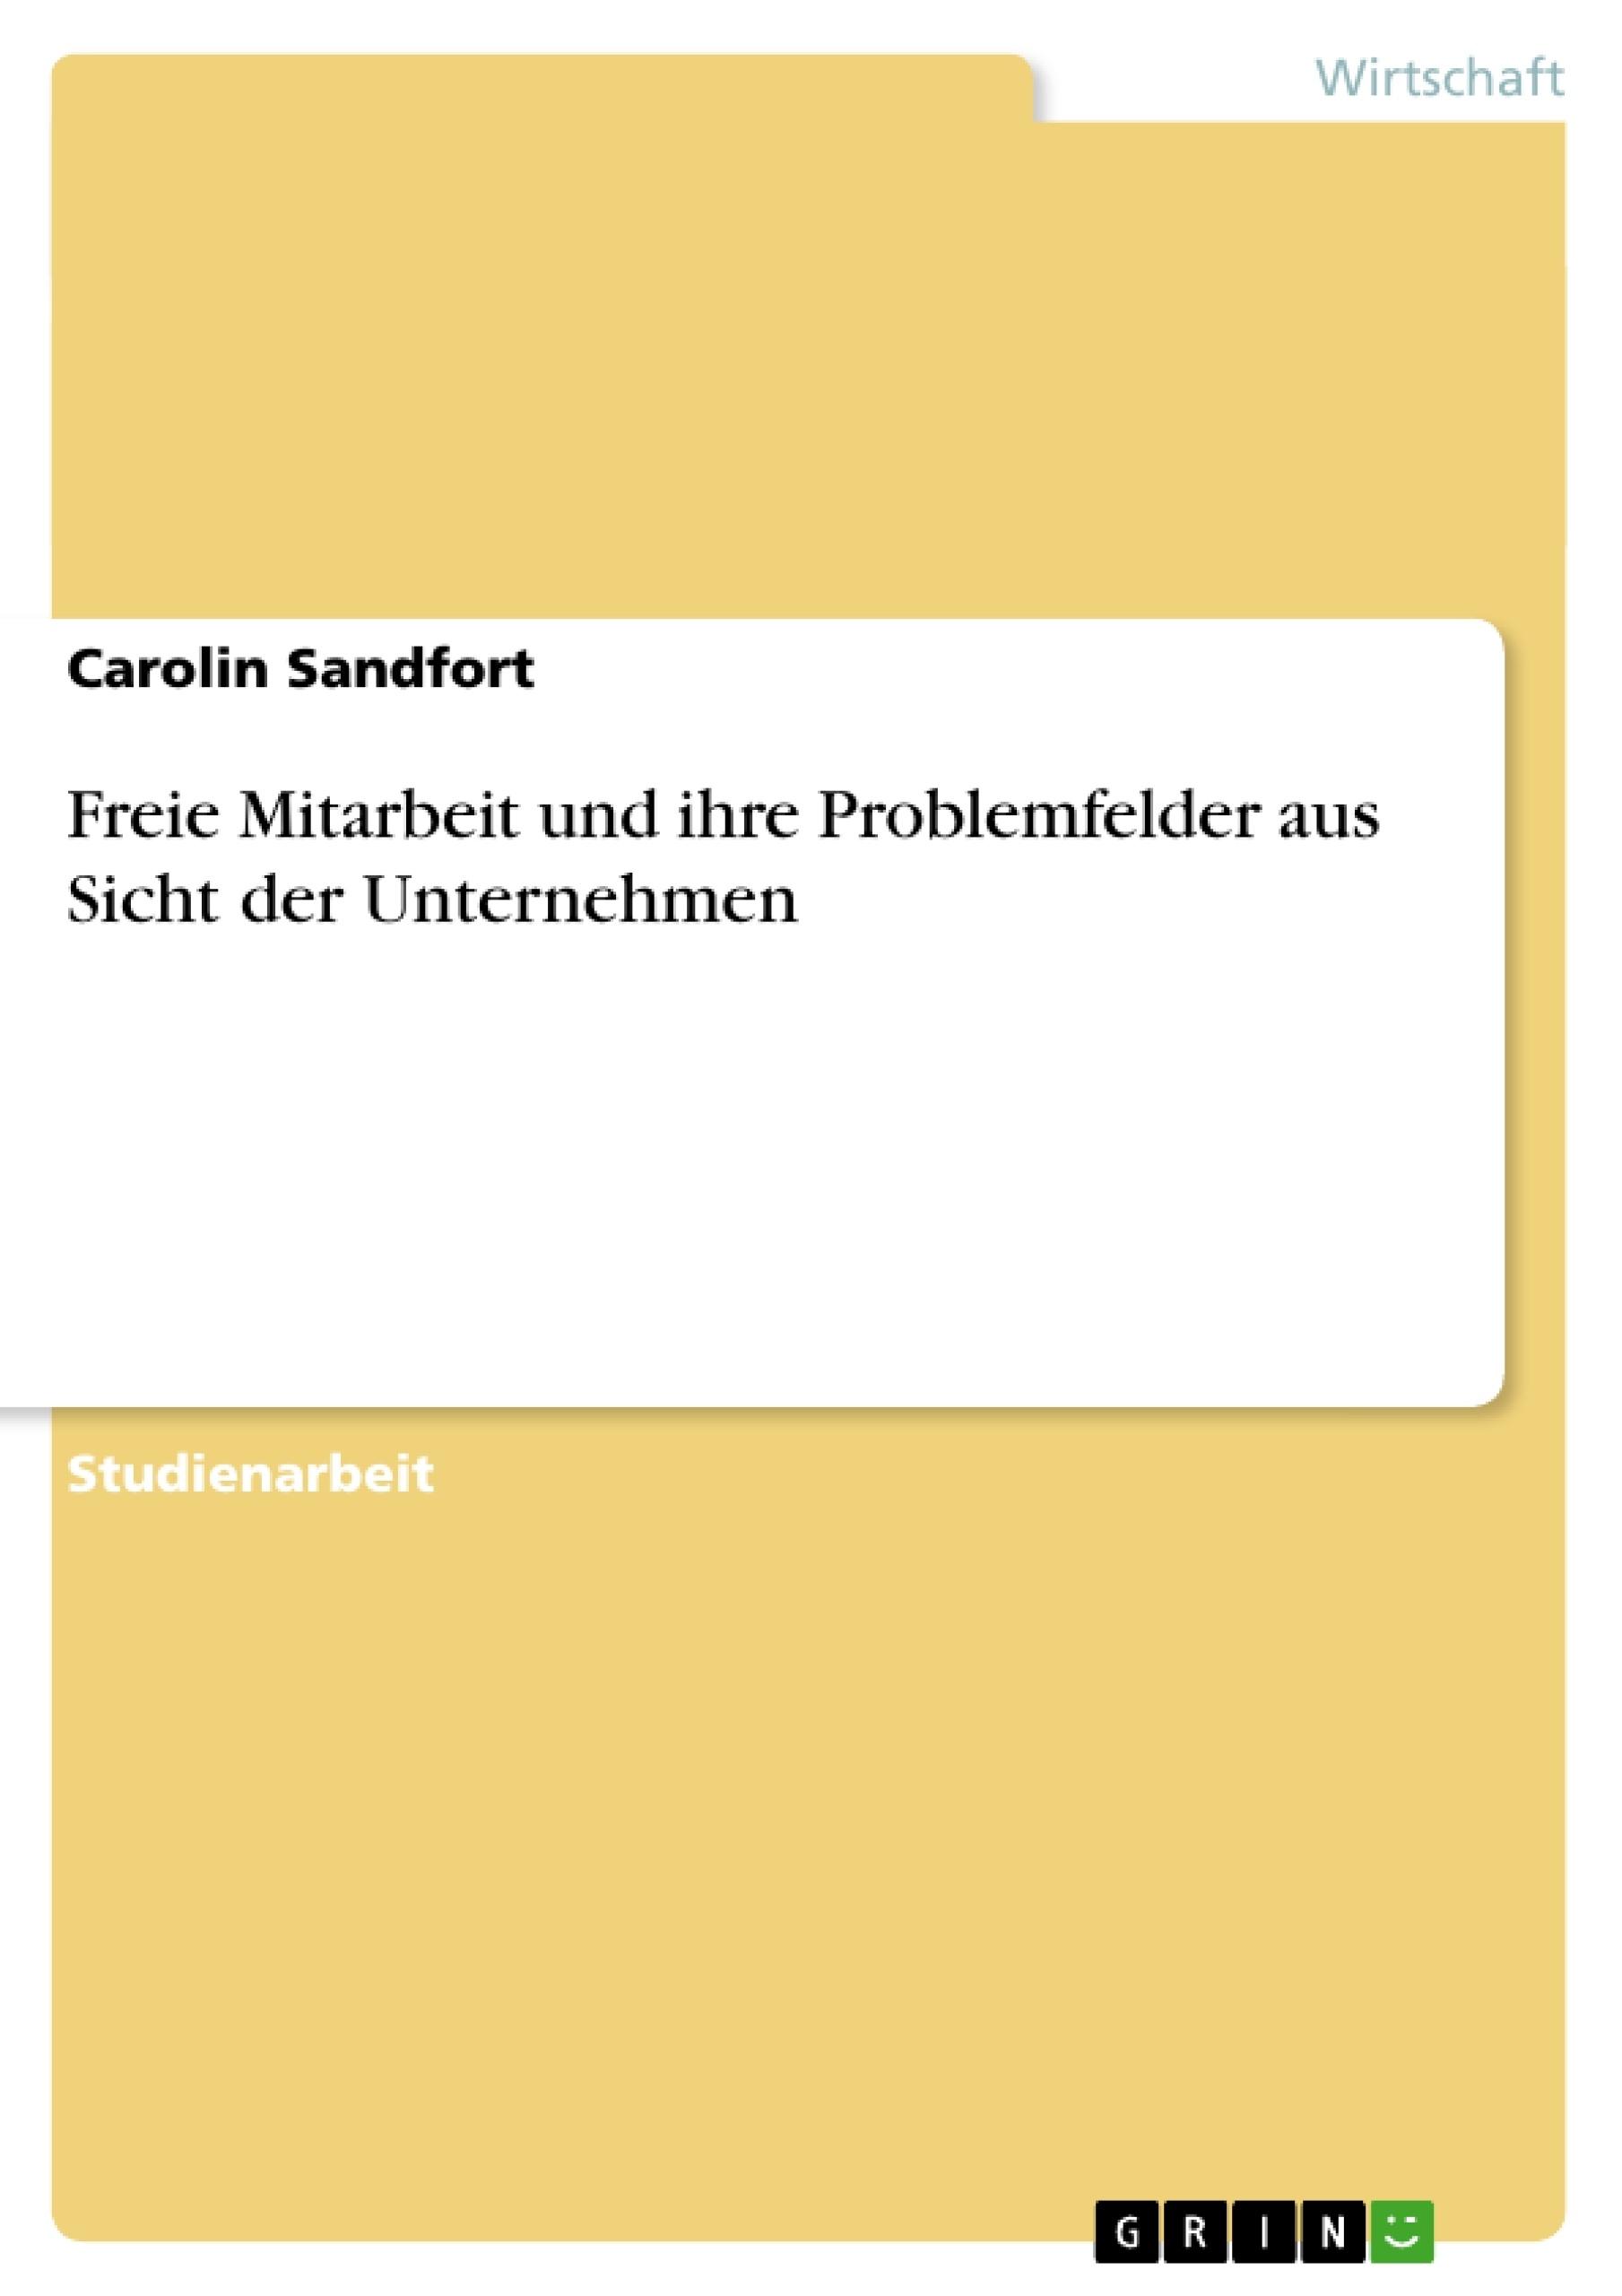 Titel: Freie Mitarbeit und ihre Problemfelder aus Sicht der Unternehmen